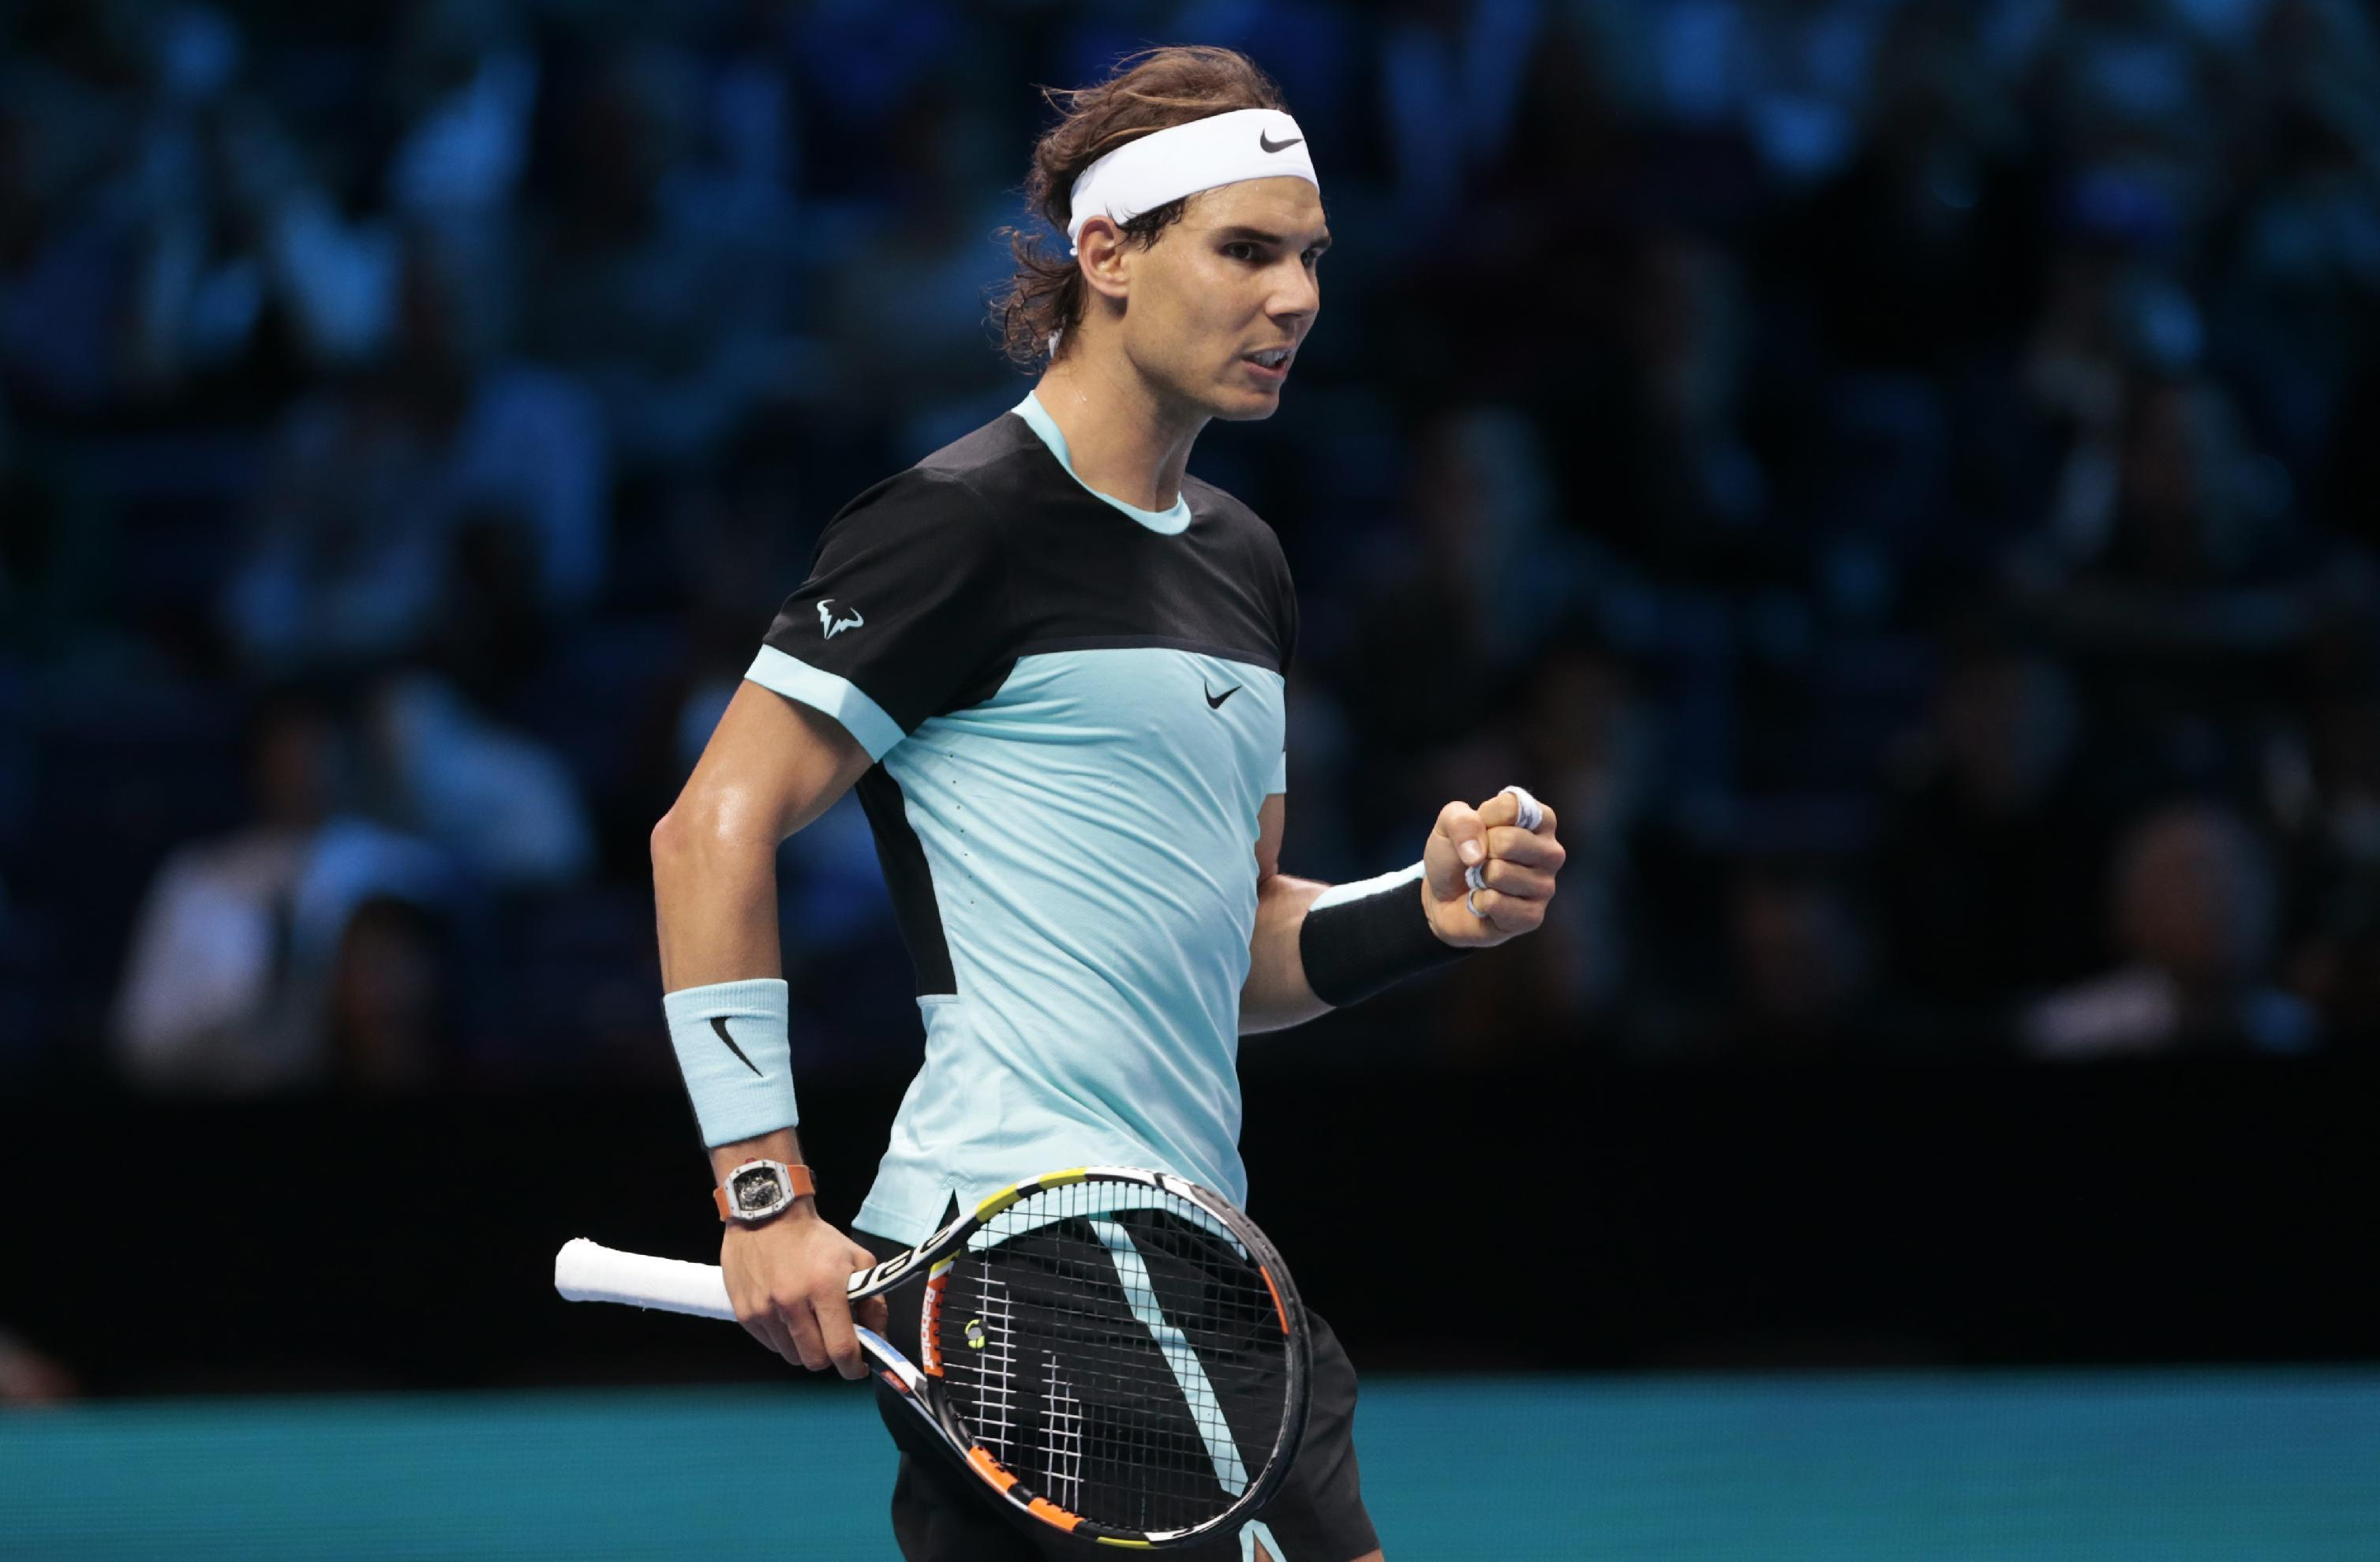 「Rafael Nadal ATP TENNIS」的圖片搜尋結果